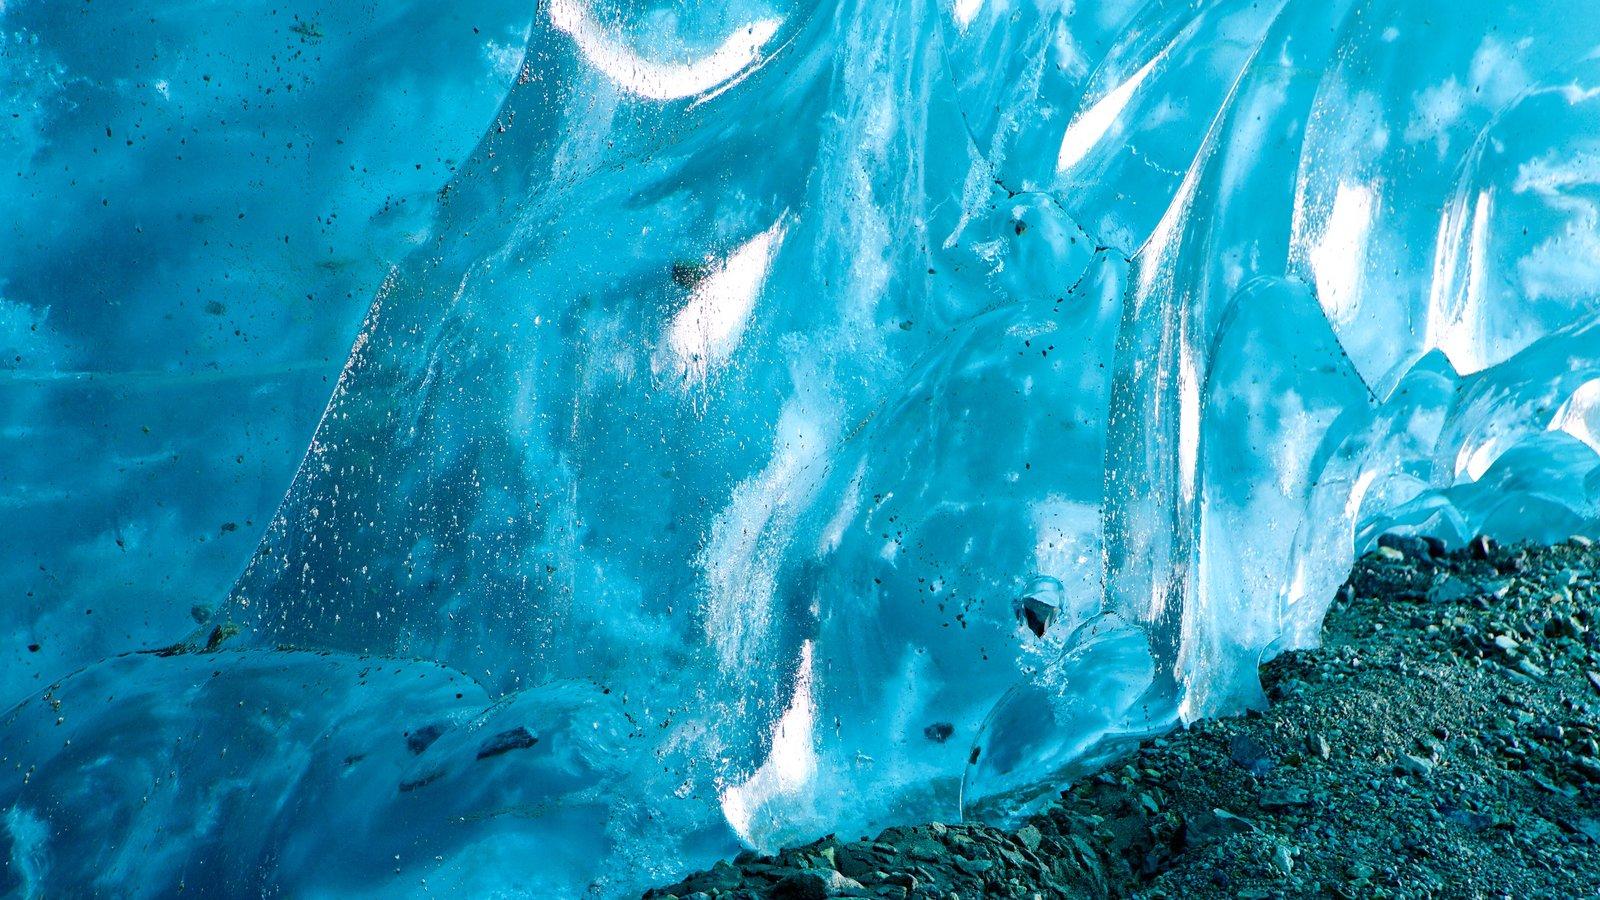 Parque Nacional y Reserva Wrangell-St. Elias ofreciendo nieve y vistas interiores